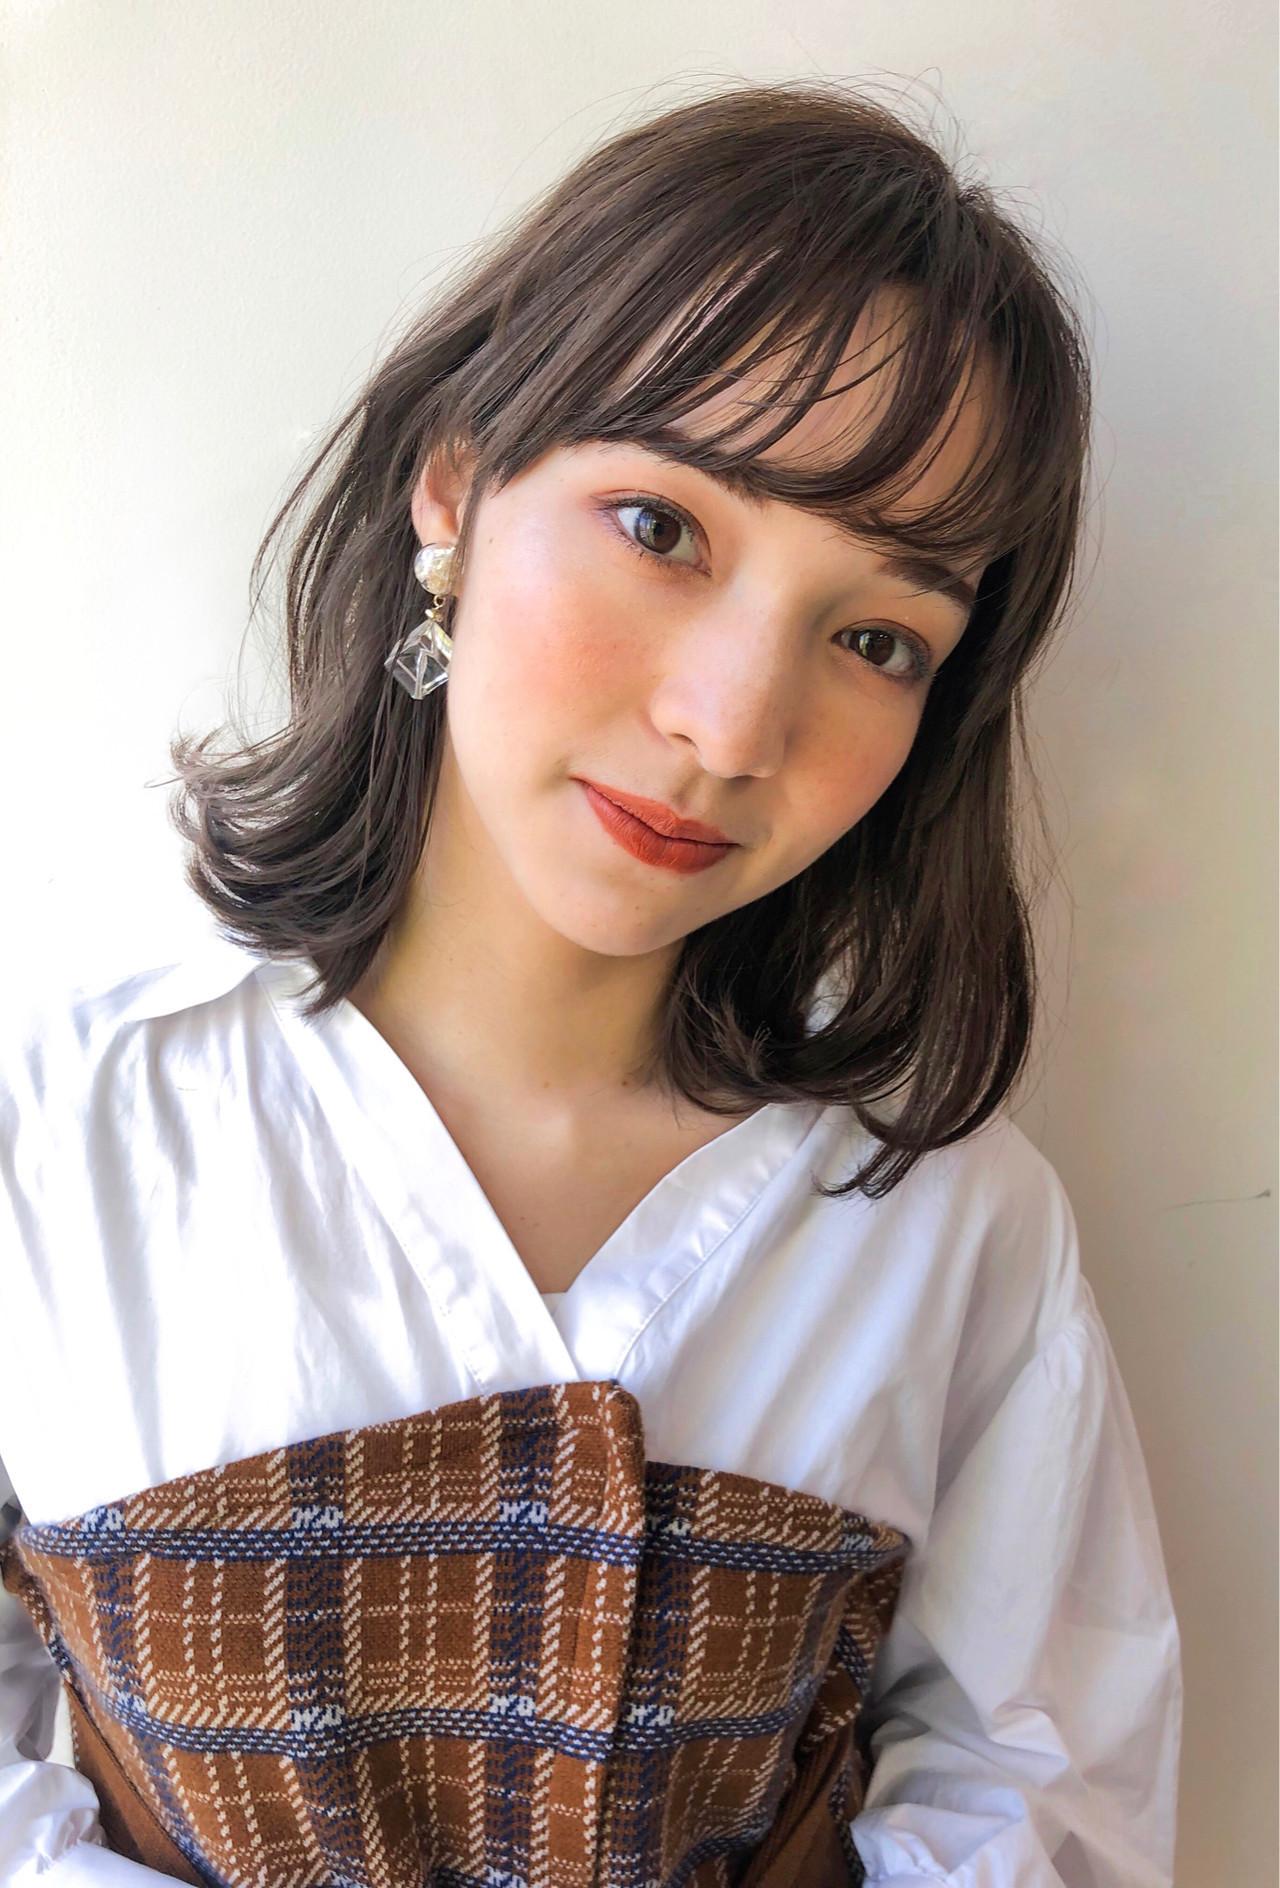 おしゃれな前髪2019年版。顔タイプ別に似合うトレンド前髪を紹介の3枚目の画像